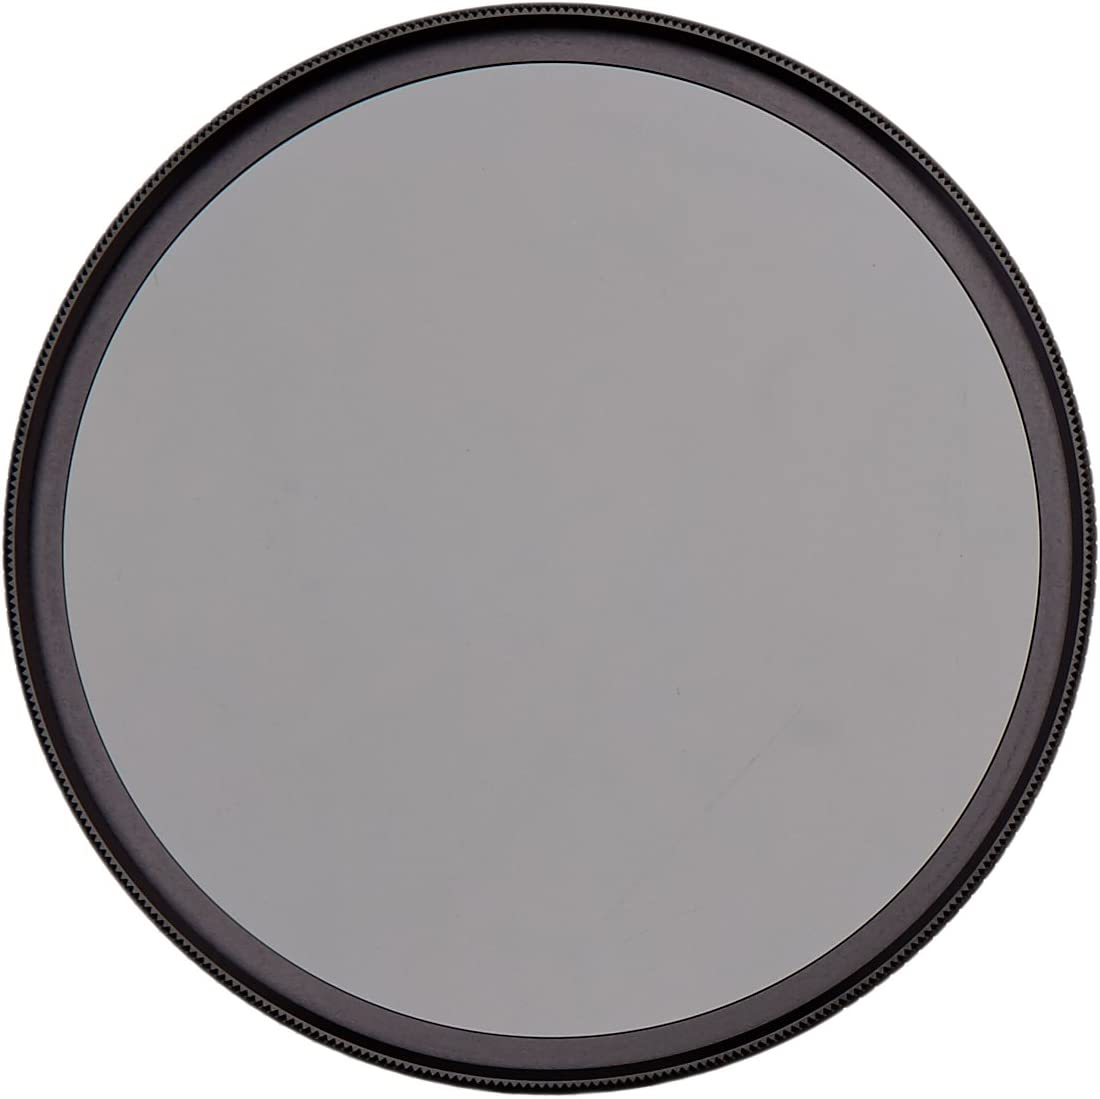 Canon 58 PL-C B 58mm Circular Filter